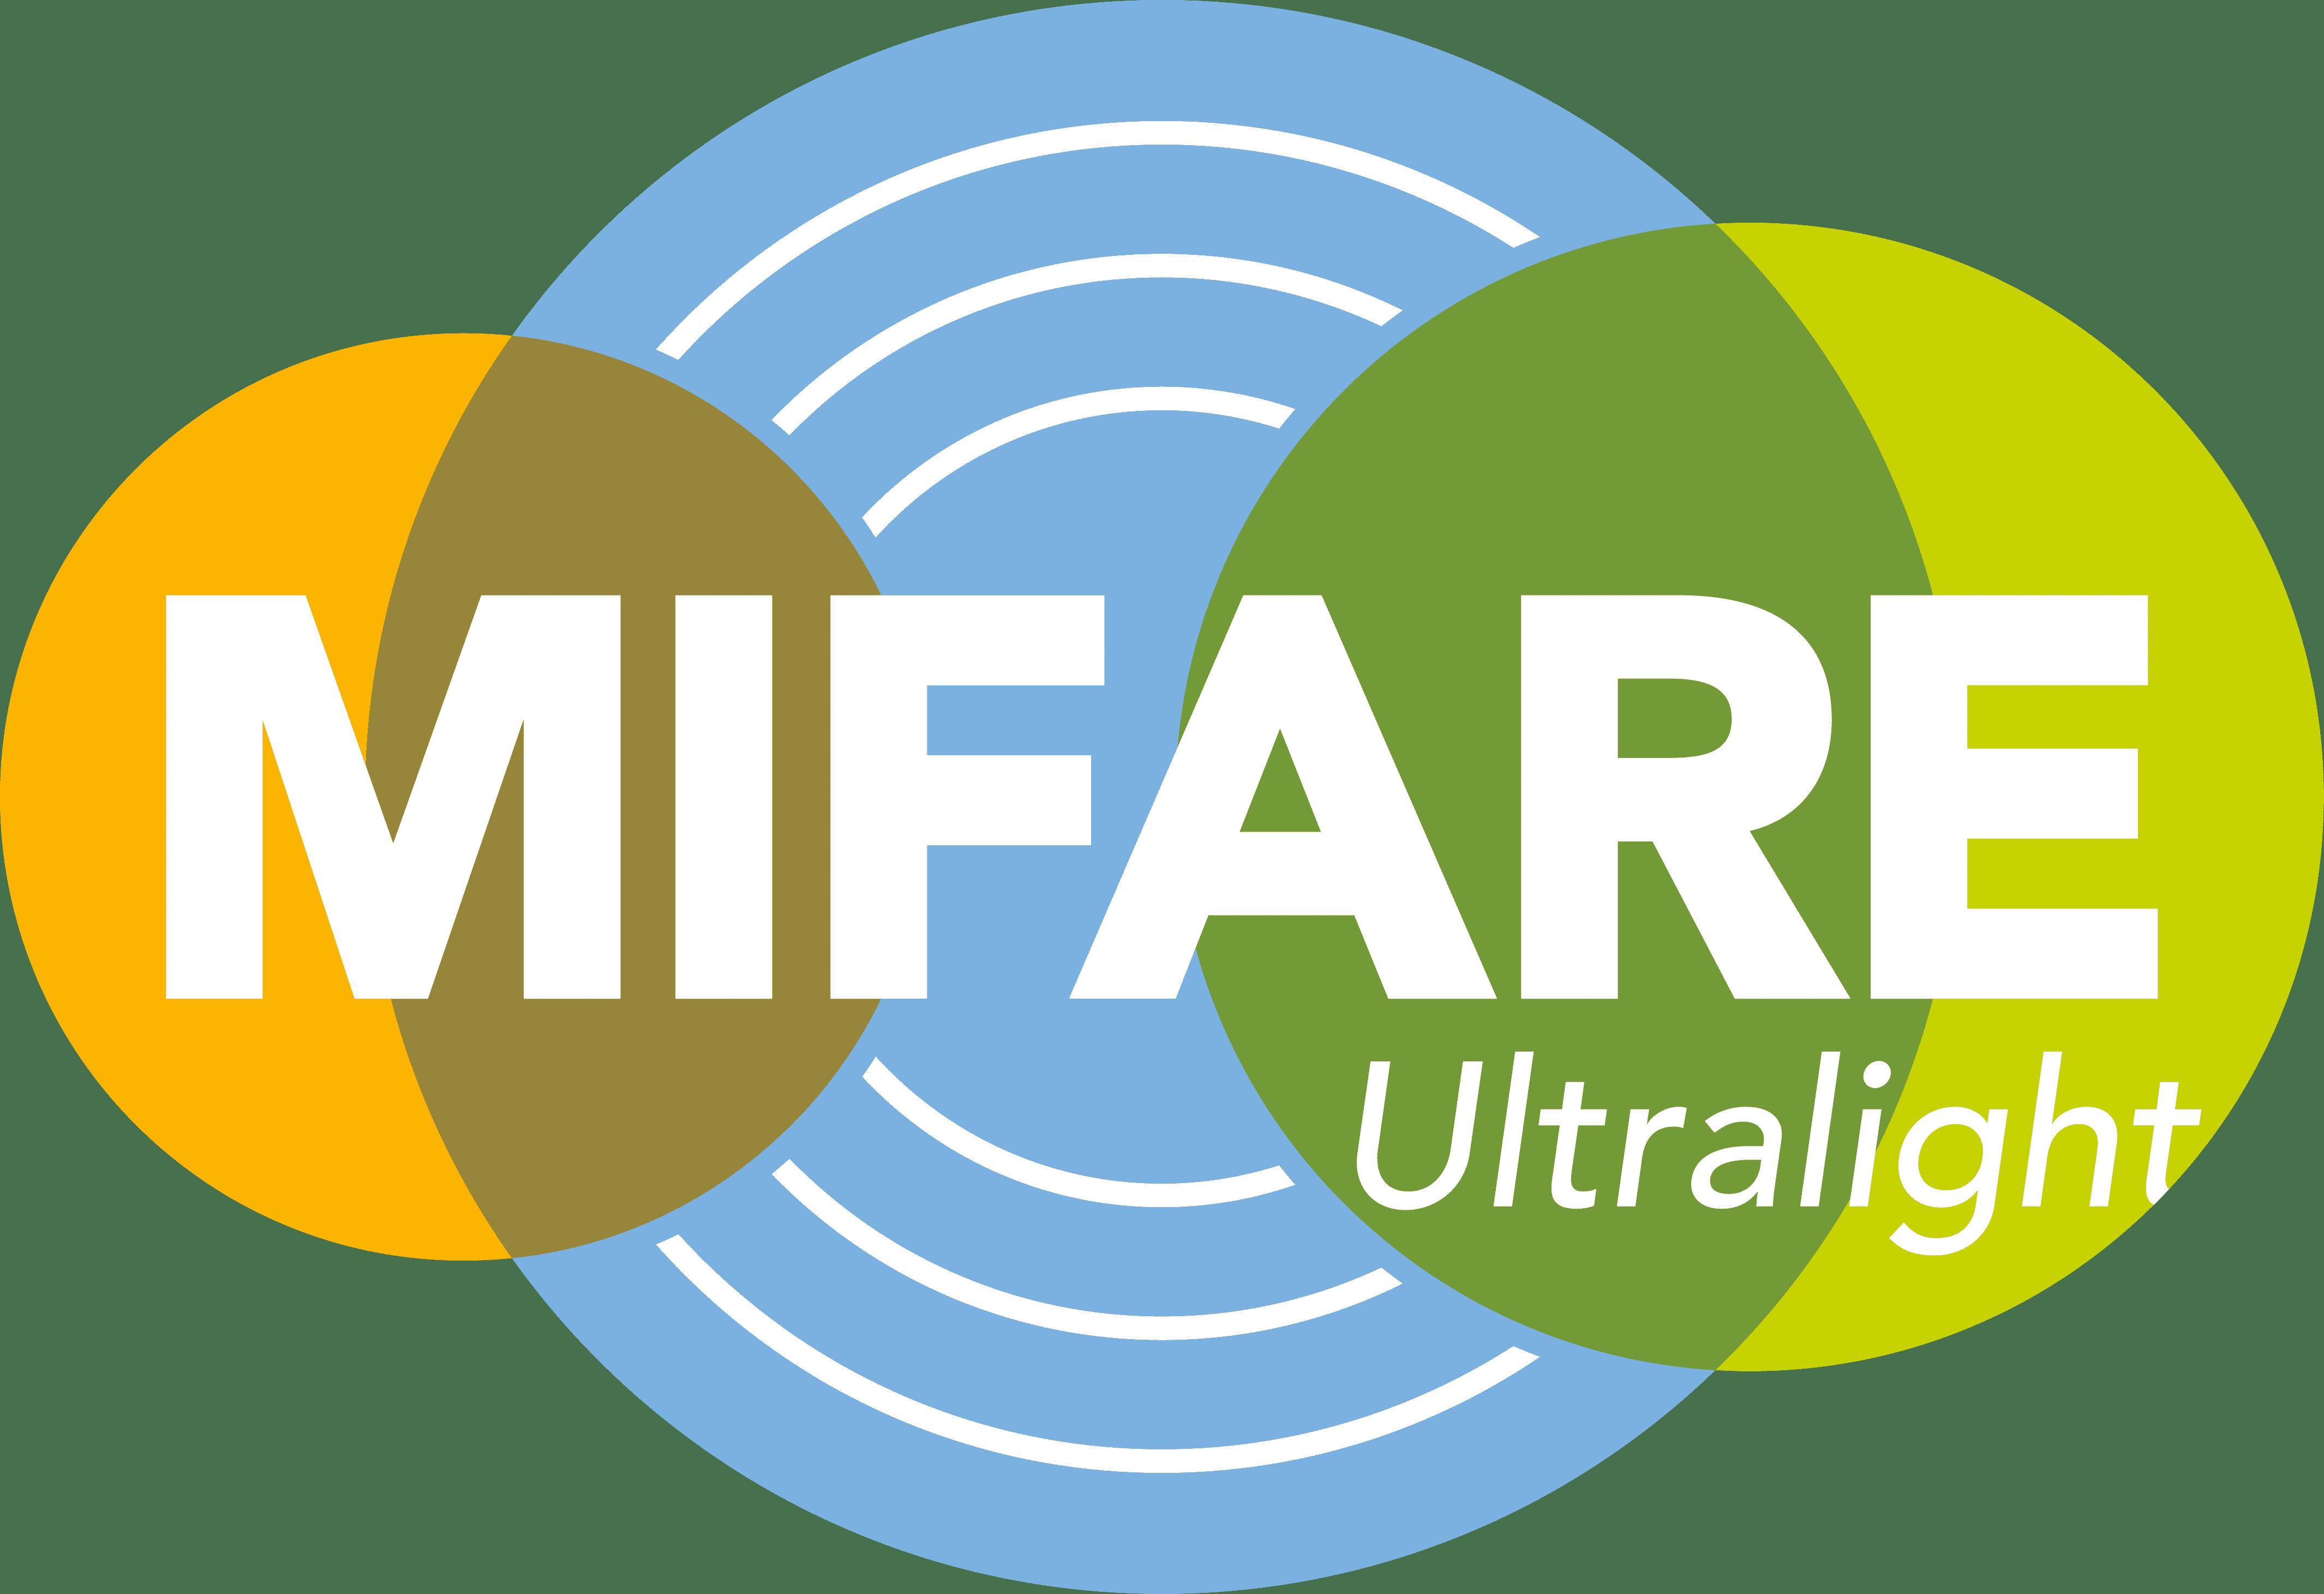 MIFARE Ultralight Certification